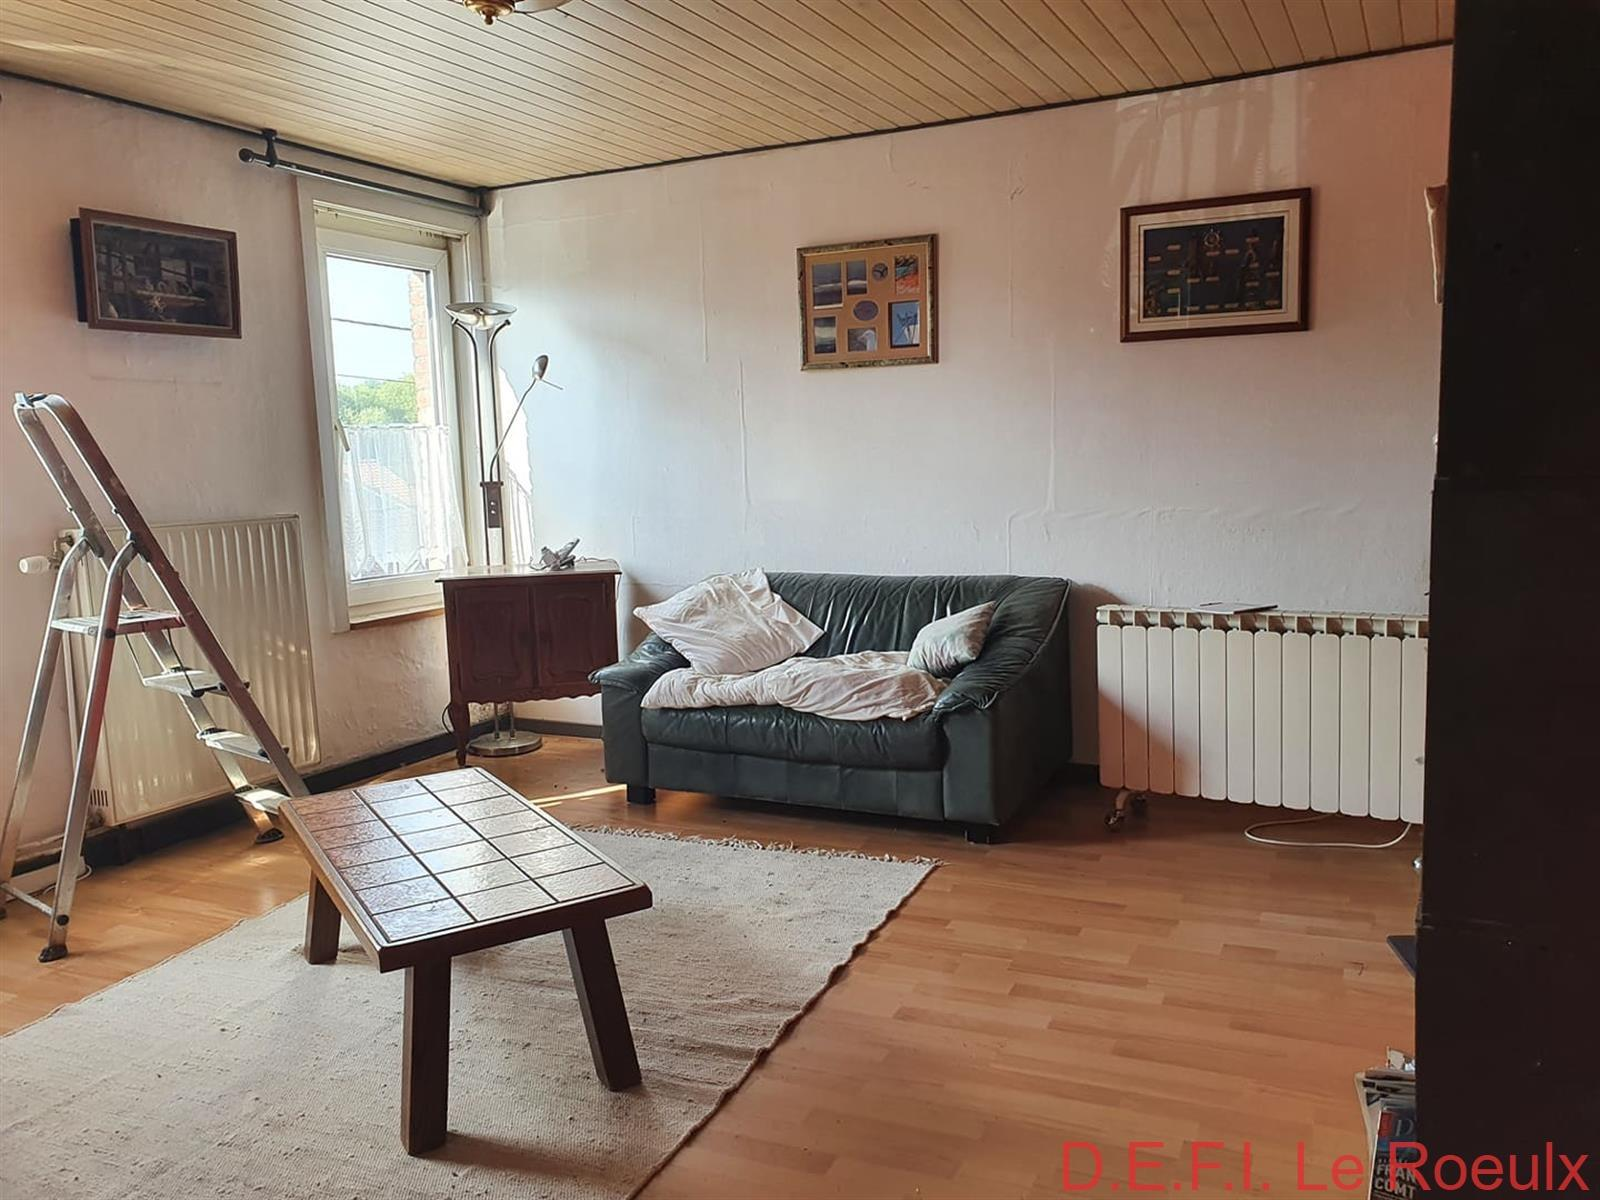 Maison - Le Roeulx - #4444515-6